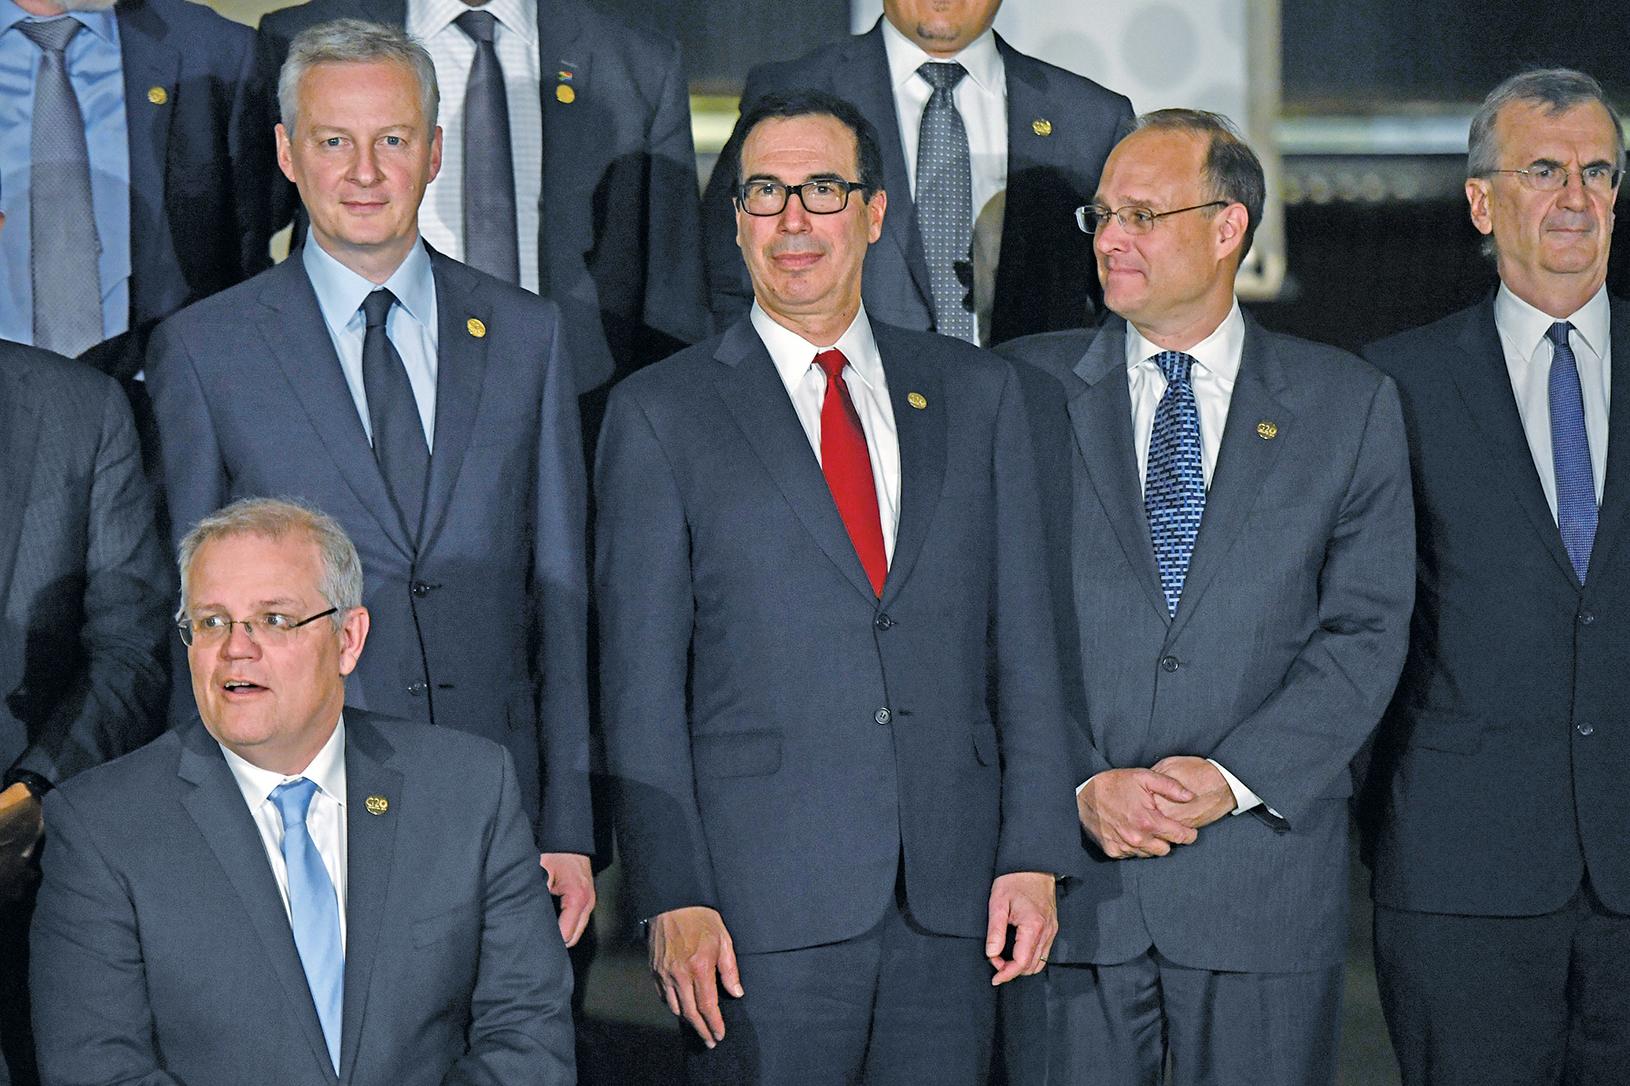 20國集團(G20)會議7月22日結束。美國財政部長姆欽(中)表示,七大工業國(G7)正嚴肅對待他所呼籲的消除關稅、非關稅貿易壁壘以及補貼政策。(AFP)